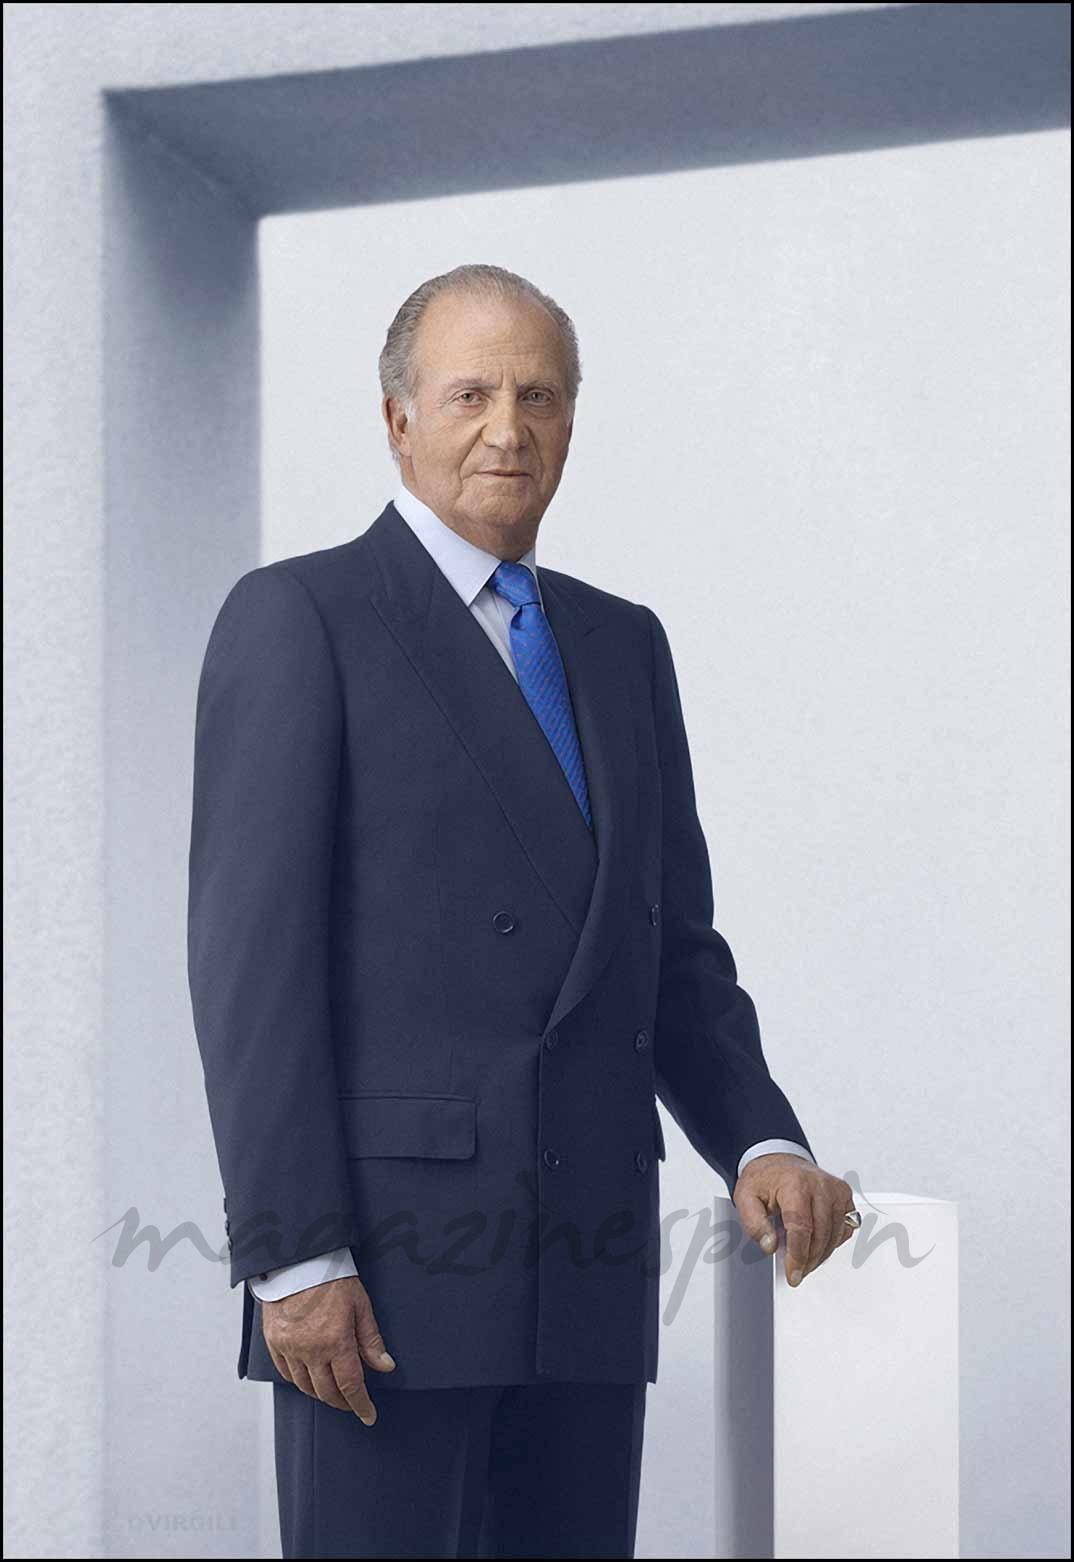 Posado oficial del Rey Juan Carlos en el Palacio de la Zarzuela en Madrid (11/03/2007)